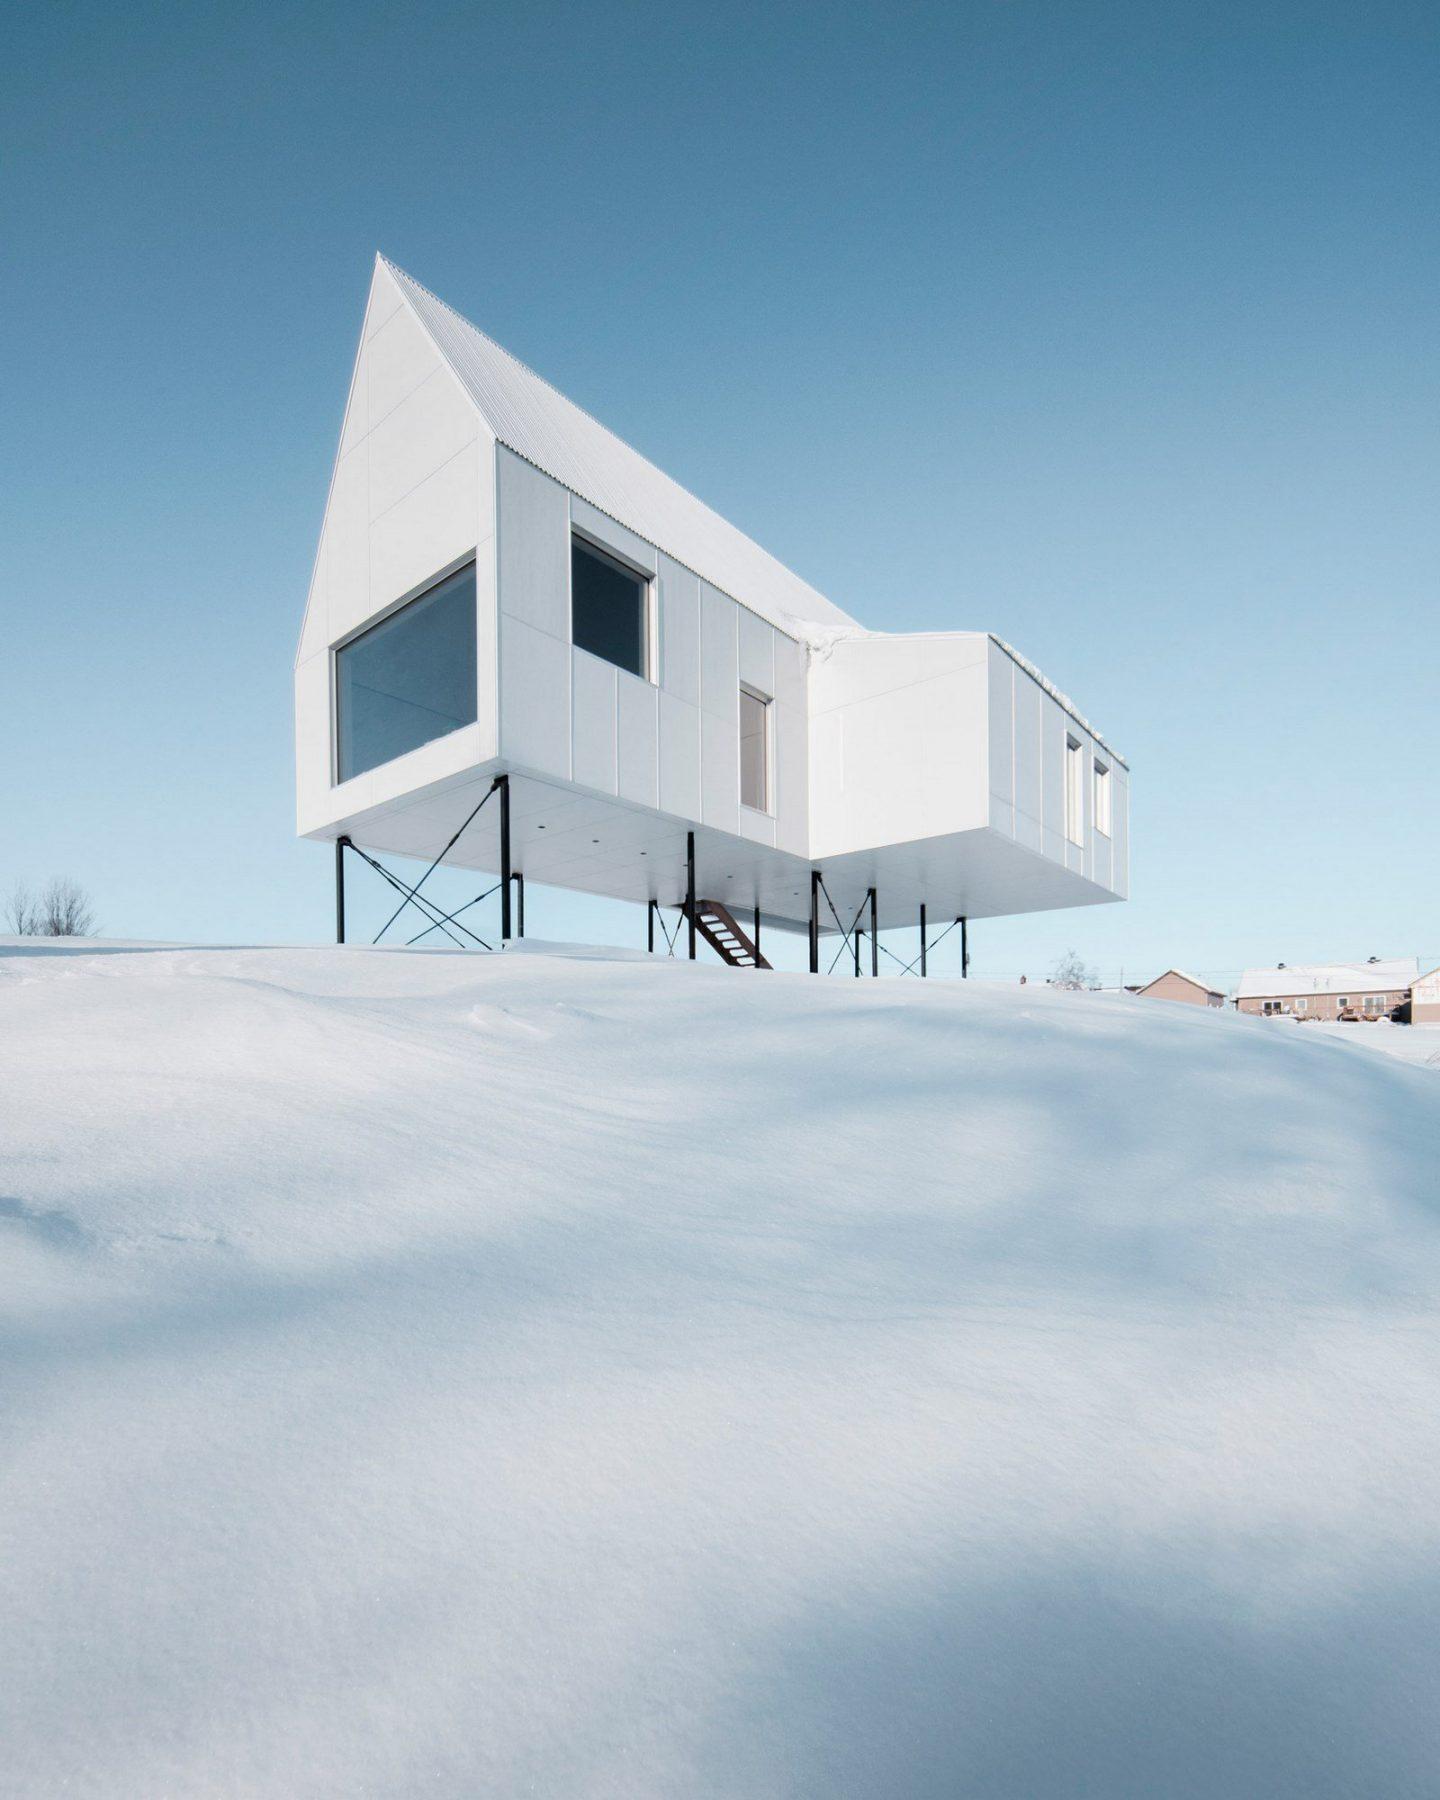 Delordinaire_Architecture (6)